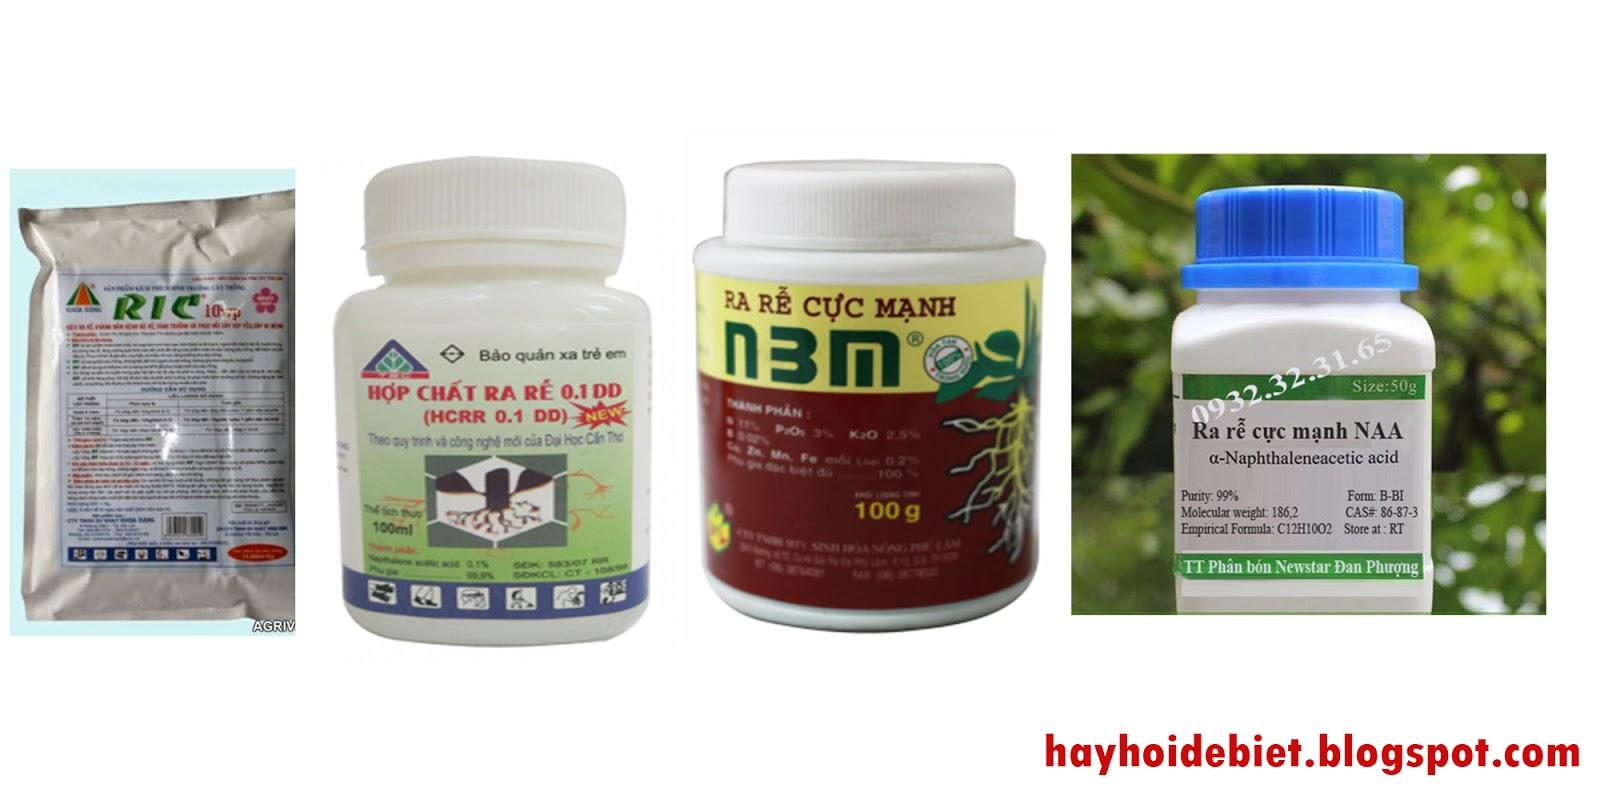 Các loại thuốc kích thích ra rễ